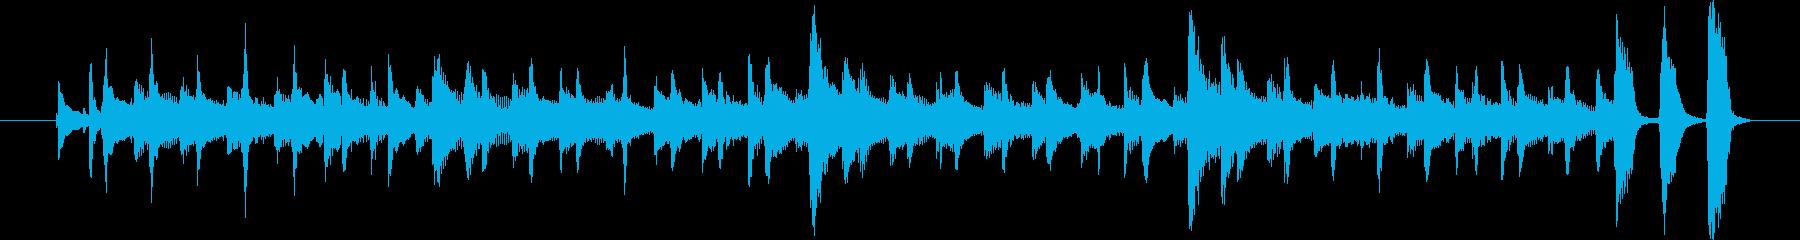 沖縄三線の音で楽しい雰囲気ですの再生済みの波形